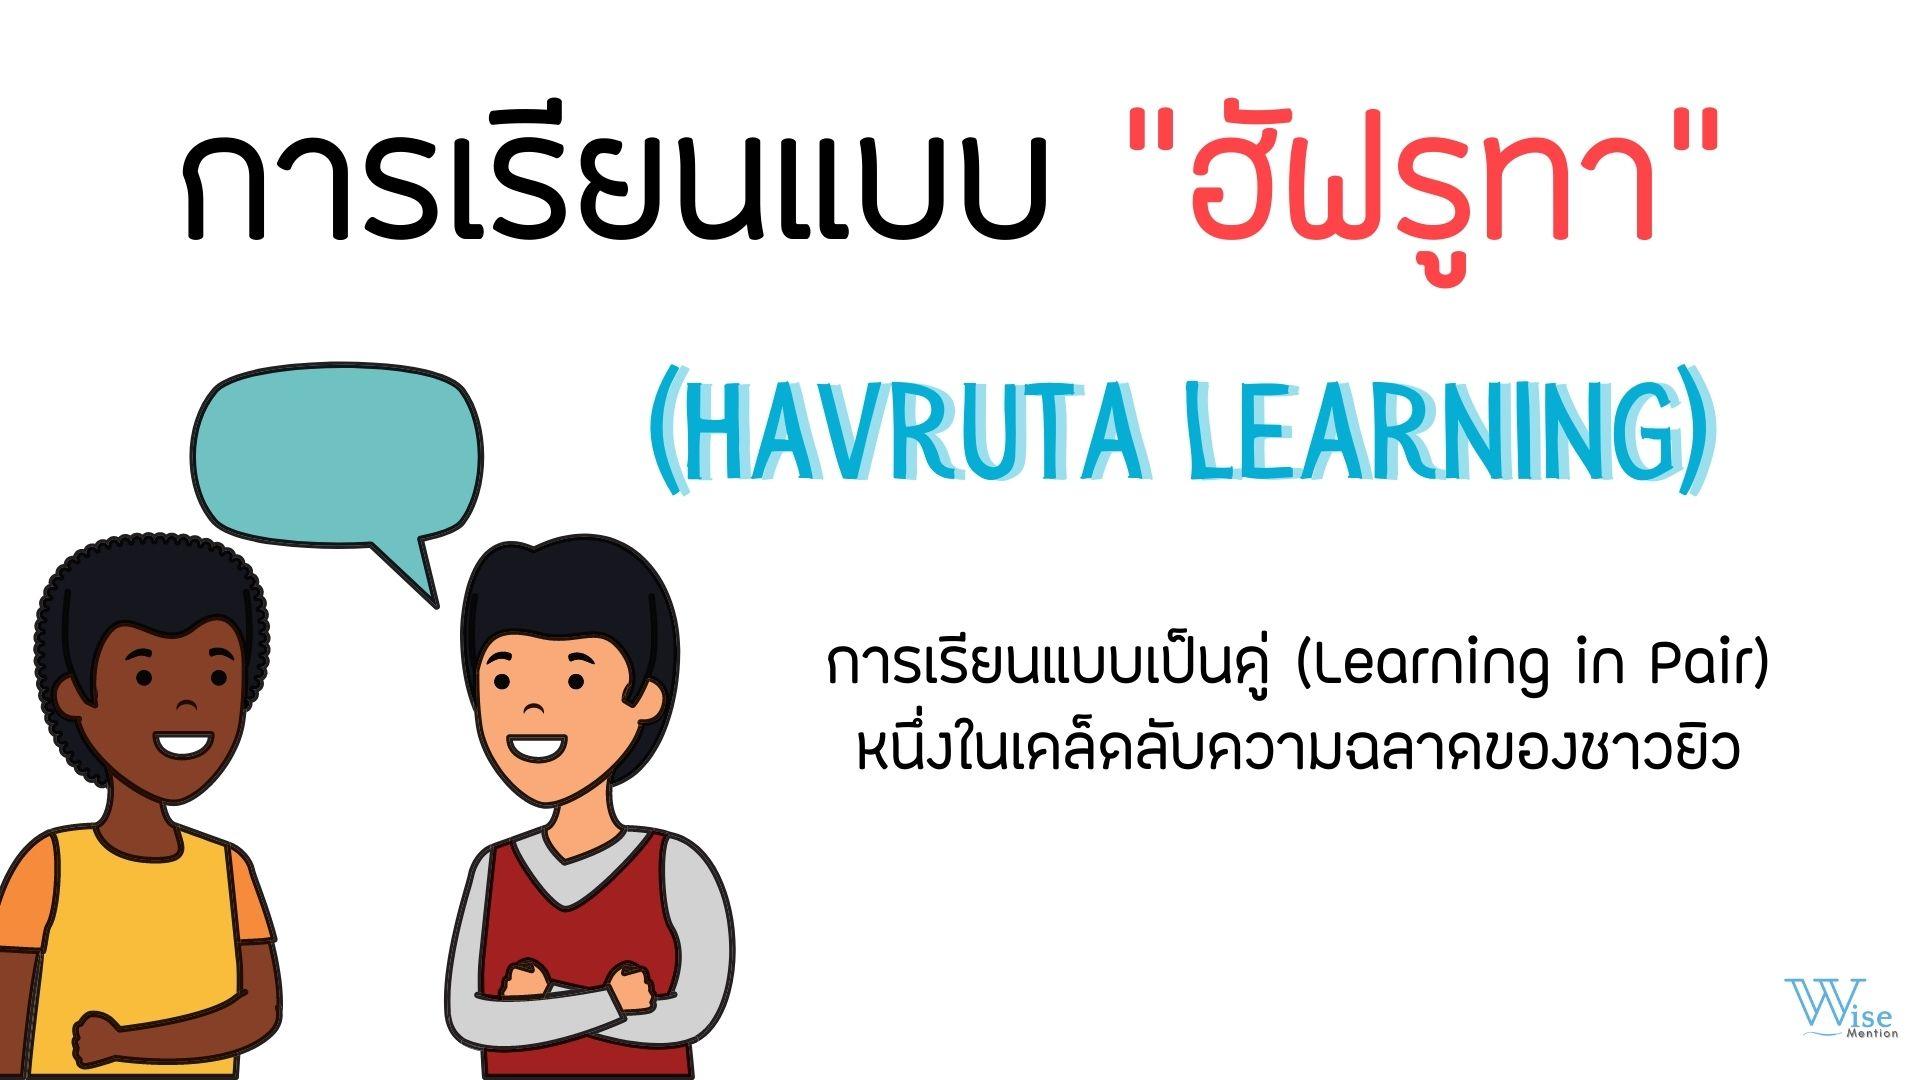 การสอนแบบฮัฟรูทา (Havruta learning) เทคนิคความฉลาดของชาวยิว